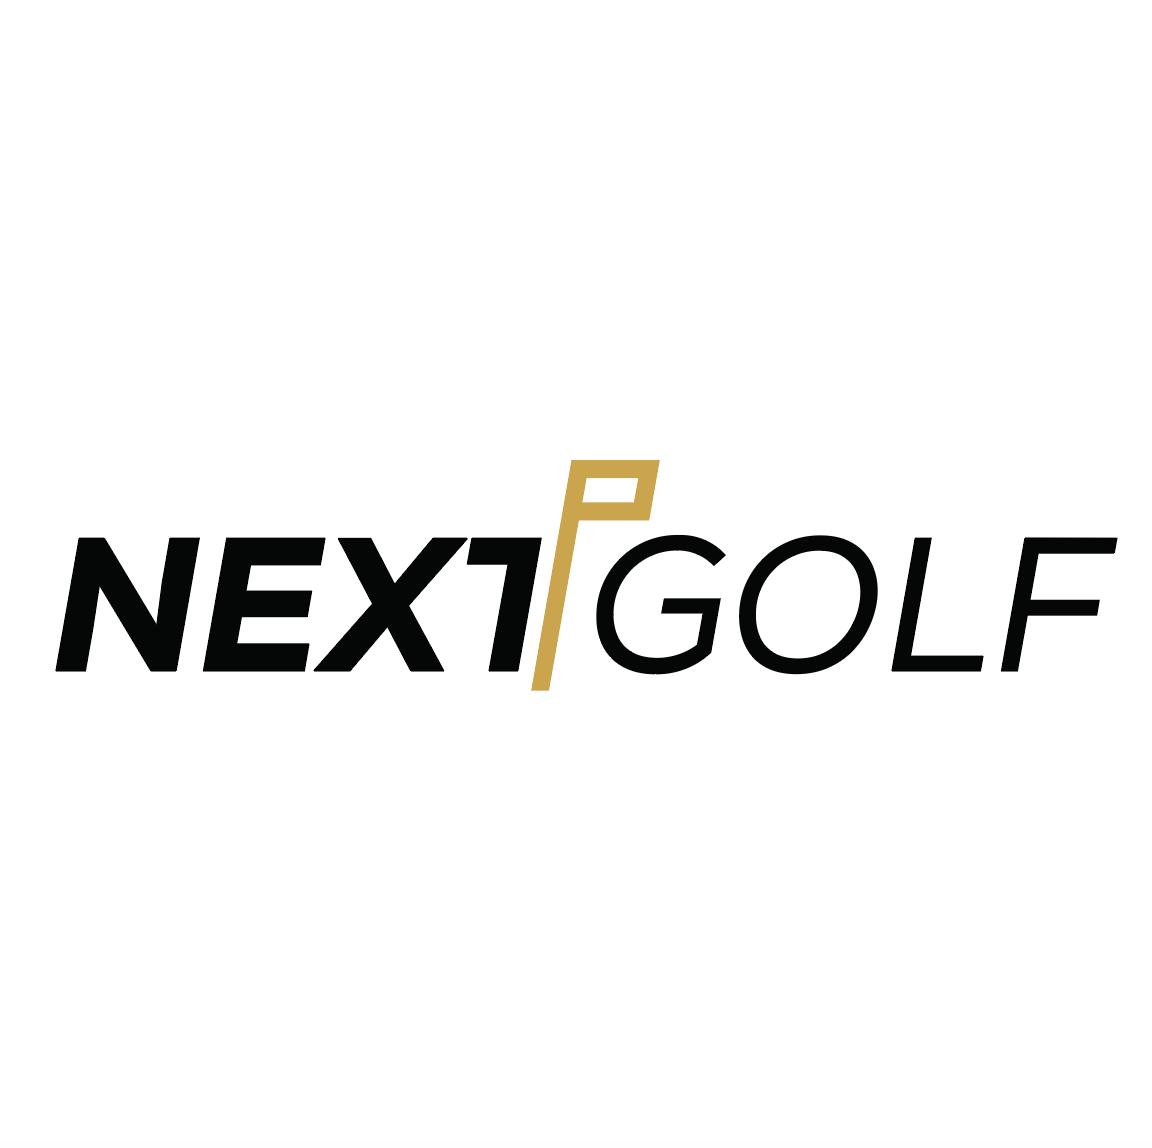 Next Golf